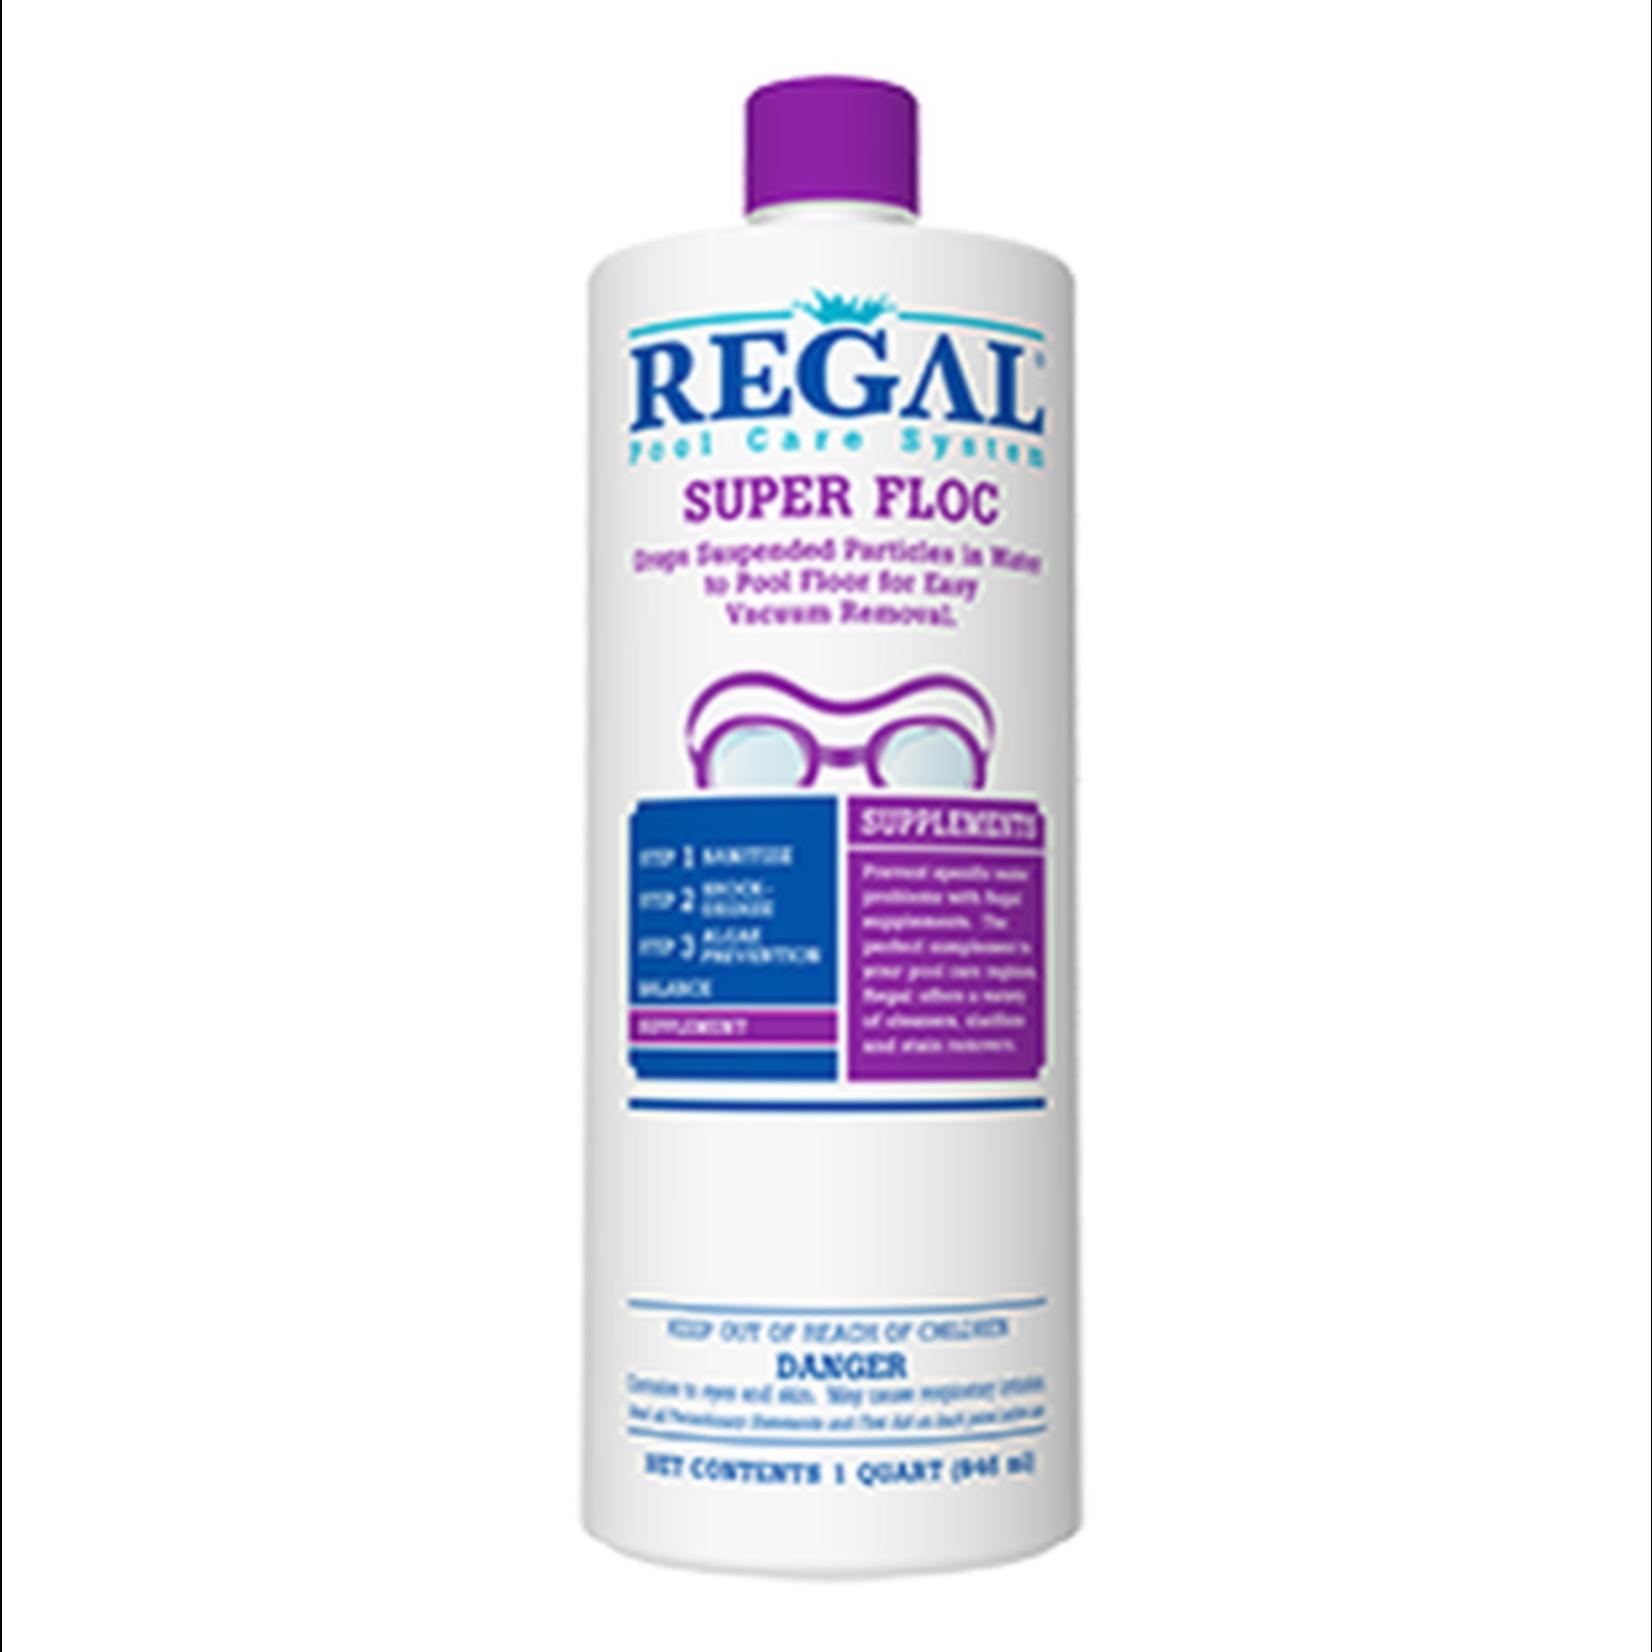 Regal REGAL SUPER FLOC